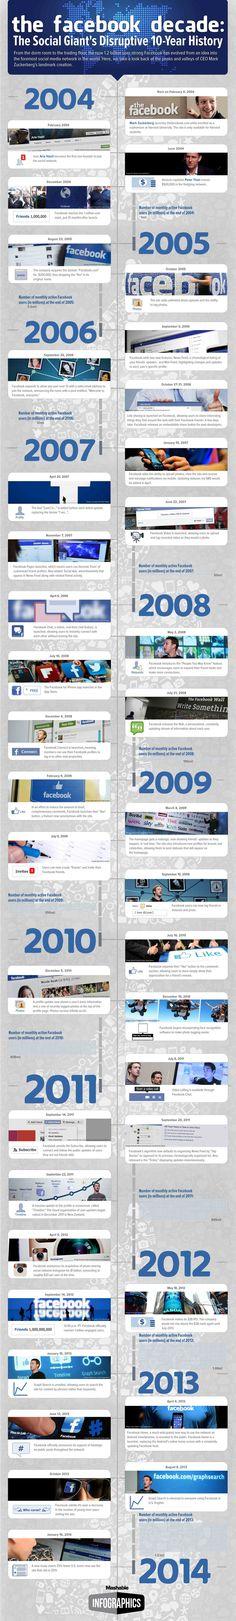 Infográfico do @Mashable sobre uma década de Facebook.  Mashable Infographic about the #Facebook Decade.